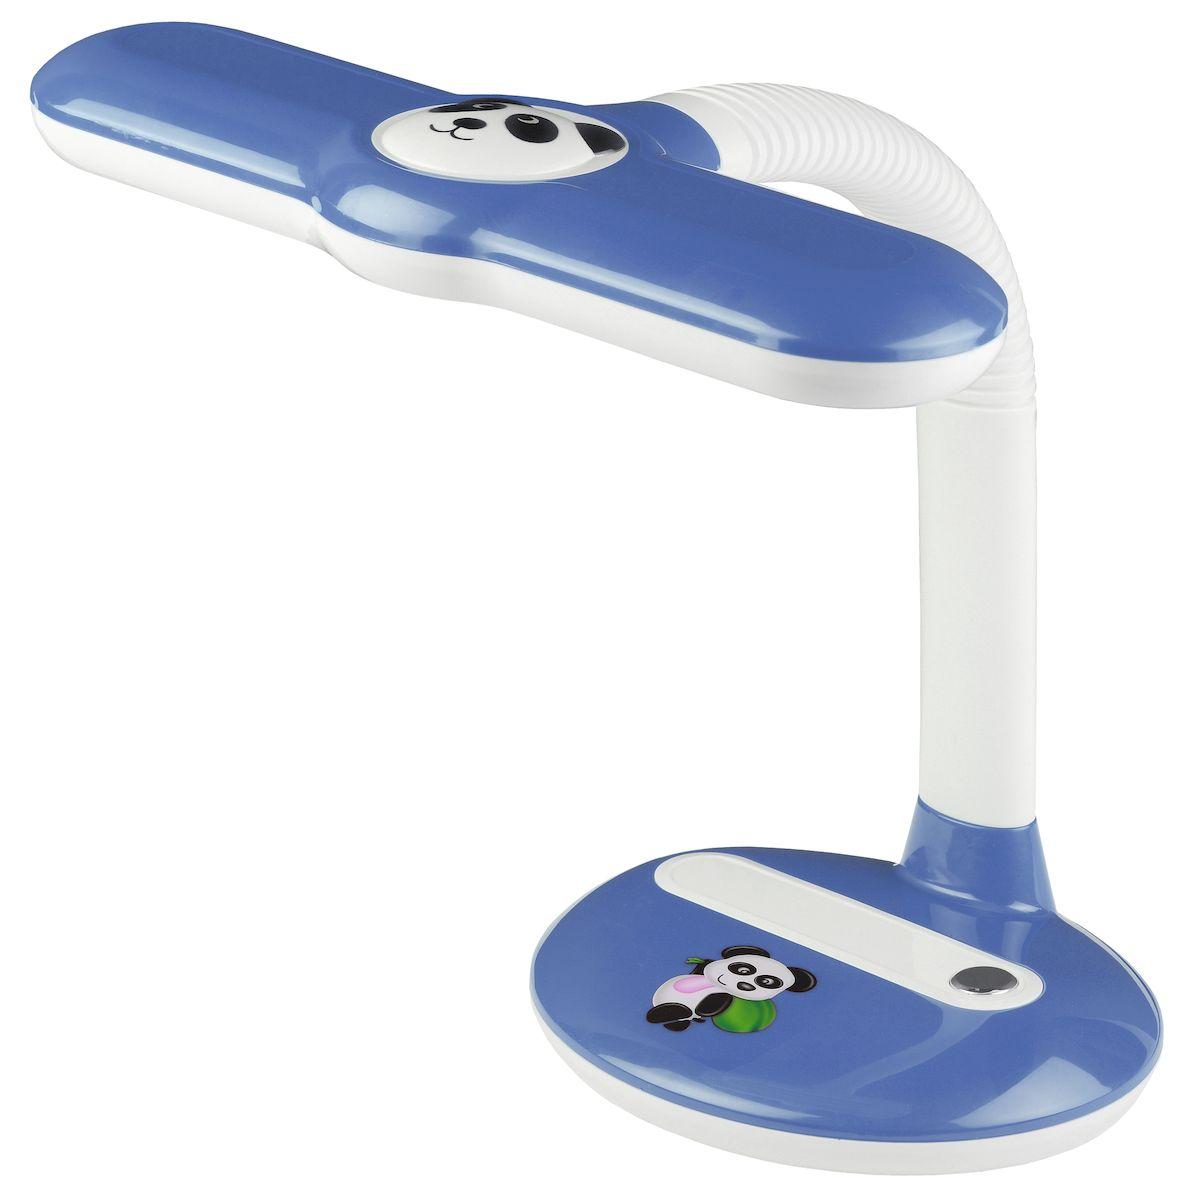 Настольный светильник ЭРА Панда. NL-252-G23-11W-BU, цвет: синийNL-252-G23-11W-BUСветильник предназначен для использования с энергосберегающей лампой, которая обеспечивает экономию электроэнергии до 70%. Лампа входит к комплект.Выключатель на основании.Направление света регулируется гибкой стойкой, которая обеспечивает поворот плафона в любом направлении под любым углом.Детский дизайн с изображением медвежонка панды на плафоне и основании. Яркие цвета.